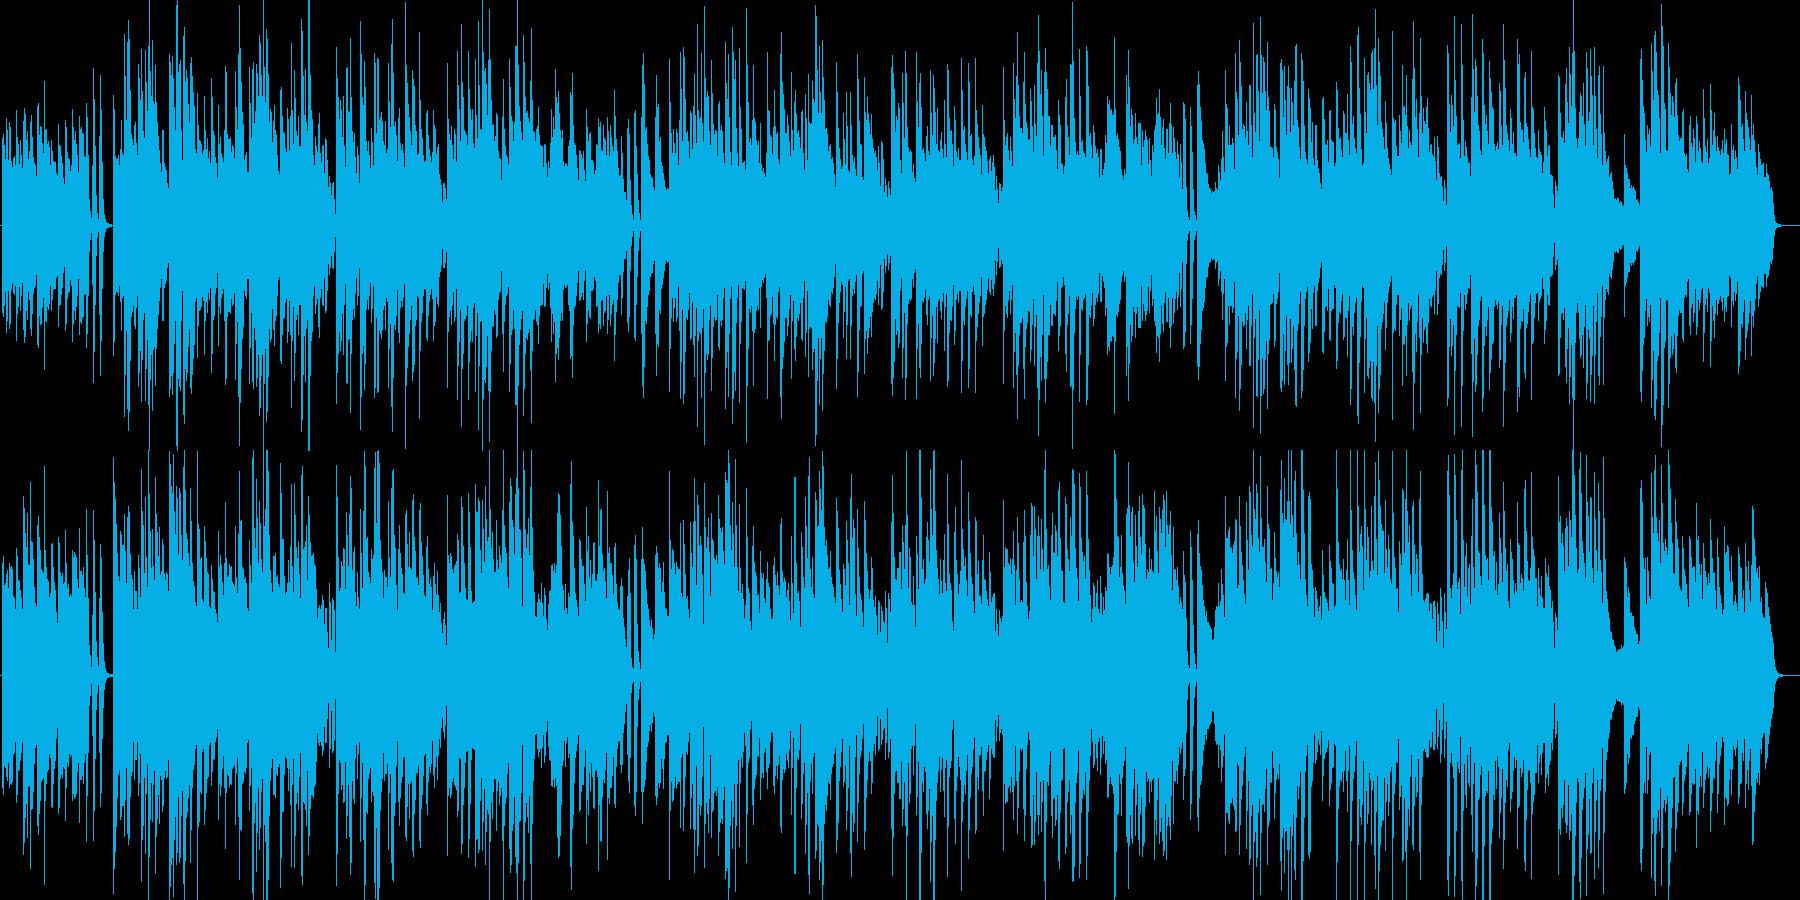 花・童謡・滝廉太郎・伴奏・琴・和風の再生済みの波形